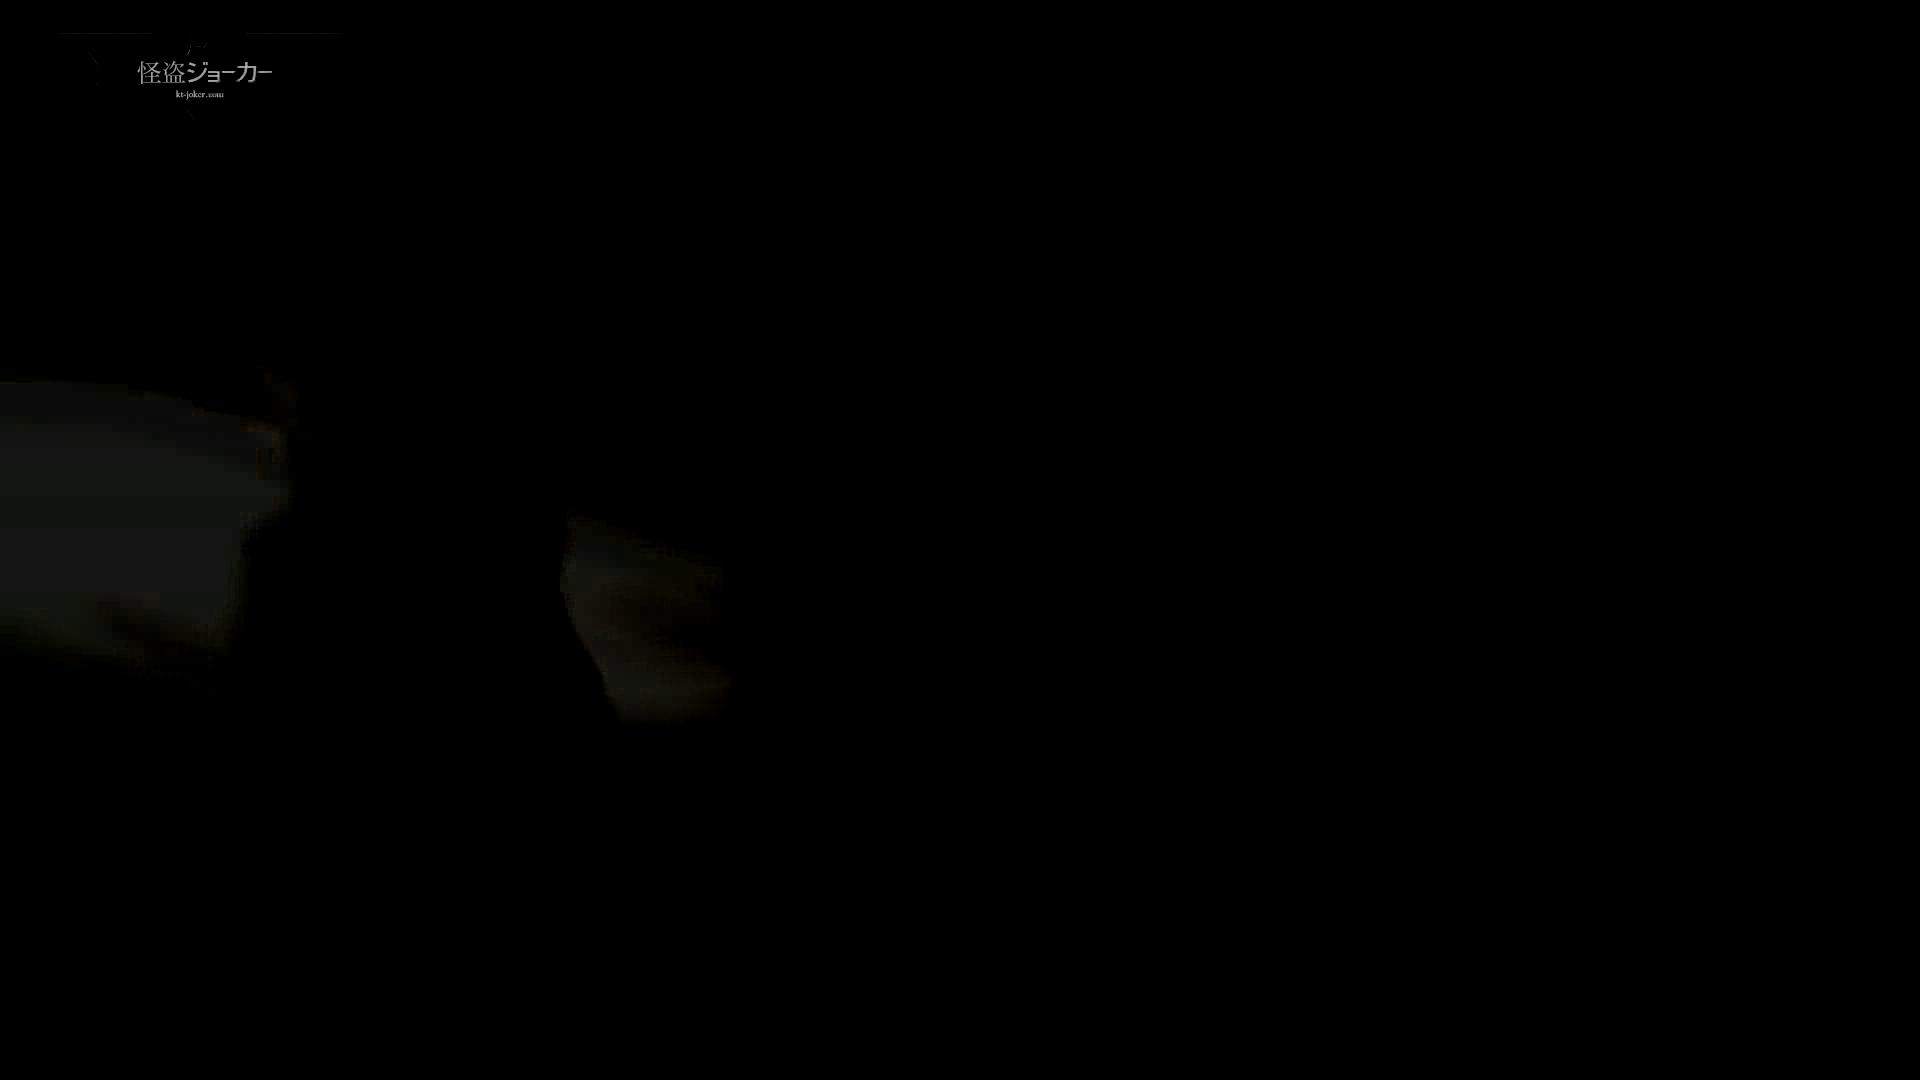 ギャルのツルピカ潜入盗撮!Vol.05 OLのボディ AV無料動画キャプチャ 84PIX 66